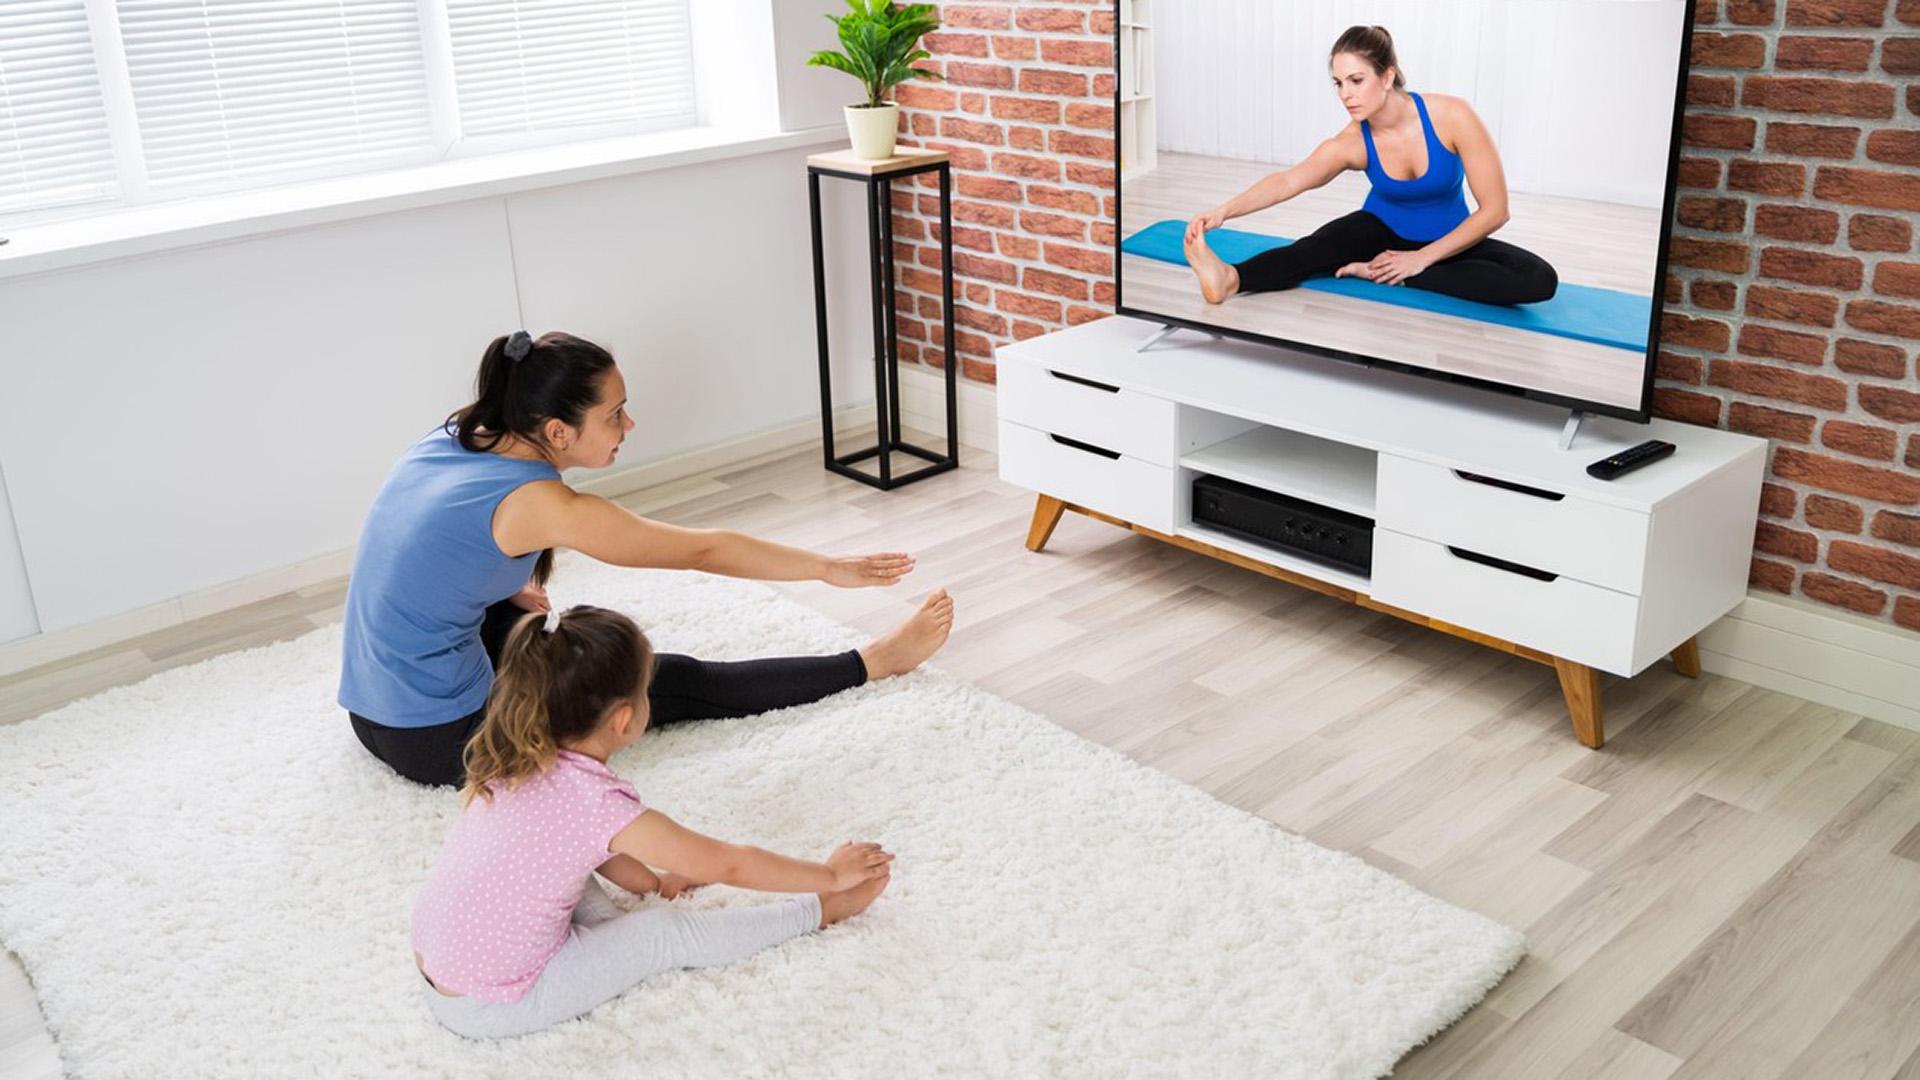 Meleg padló és visszér, Szerintetek jó a padlófűtés? - Index Fórum